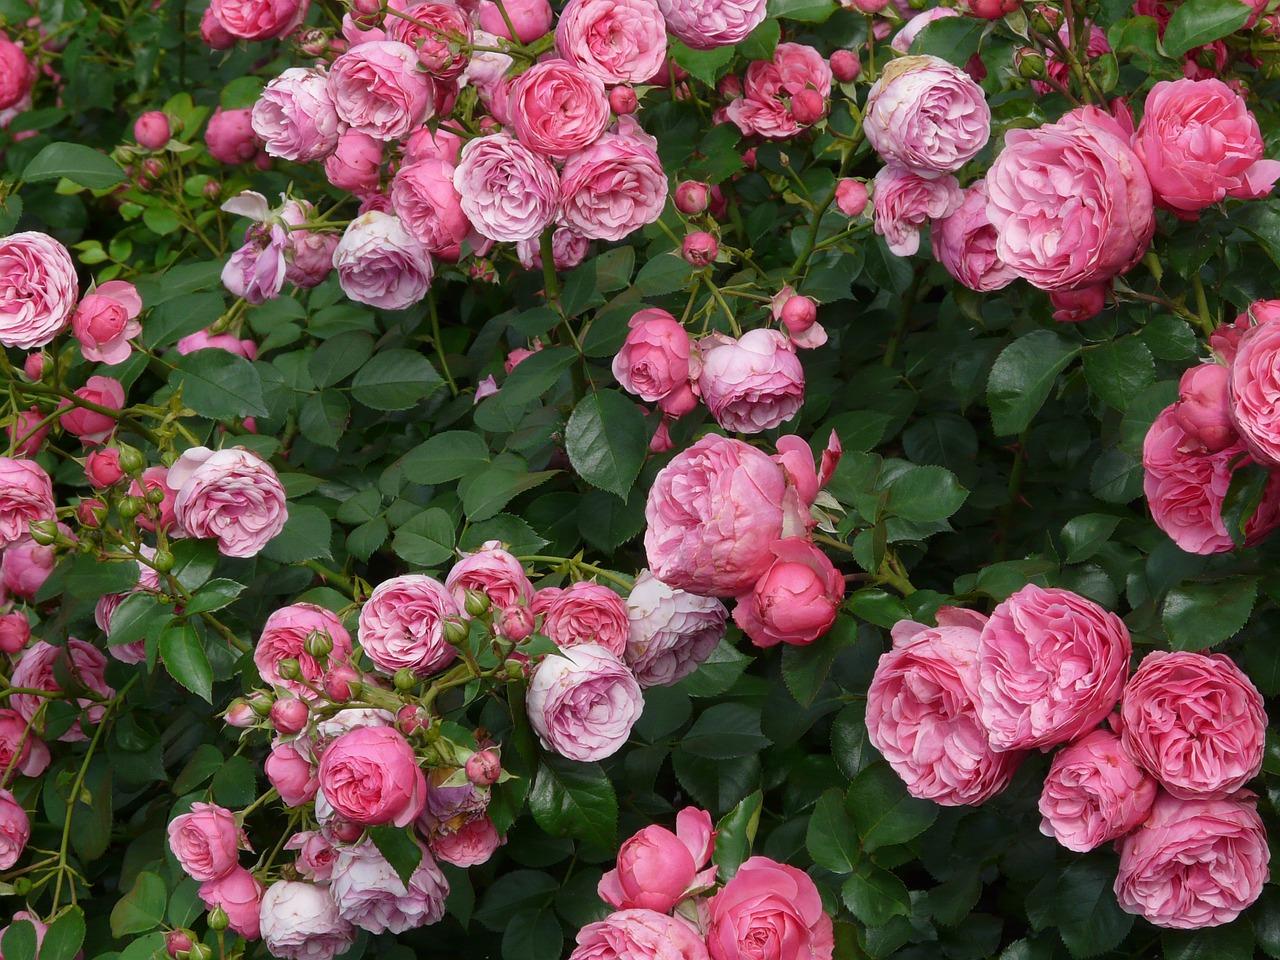 Strauchrose (Rosa)